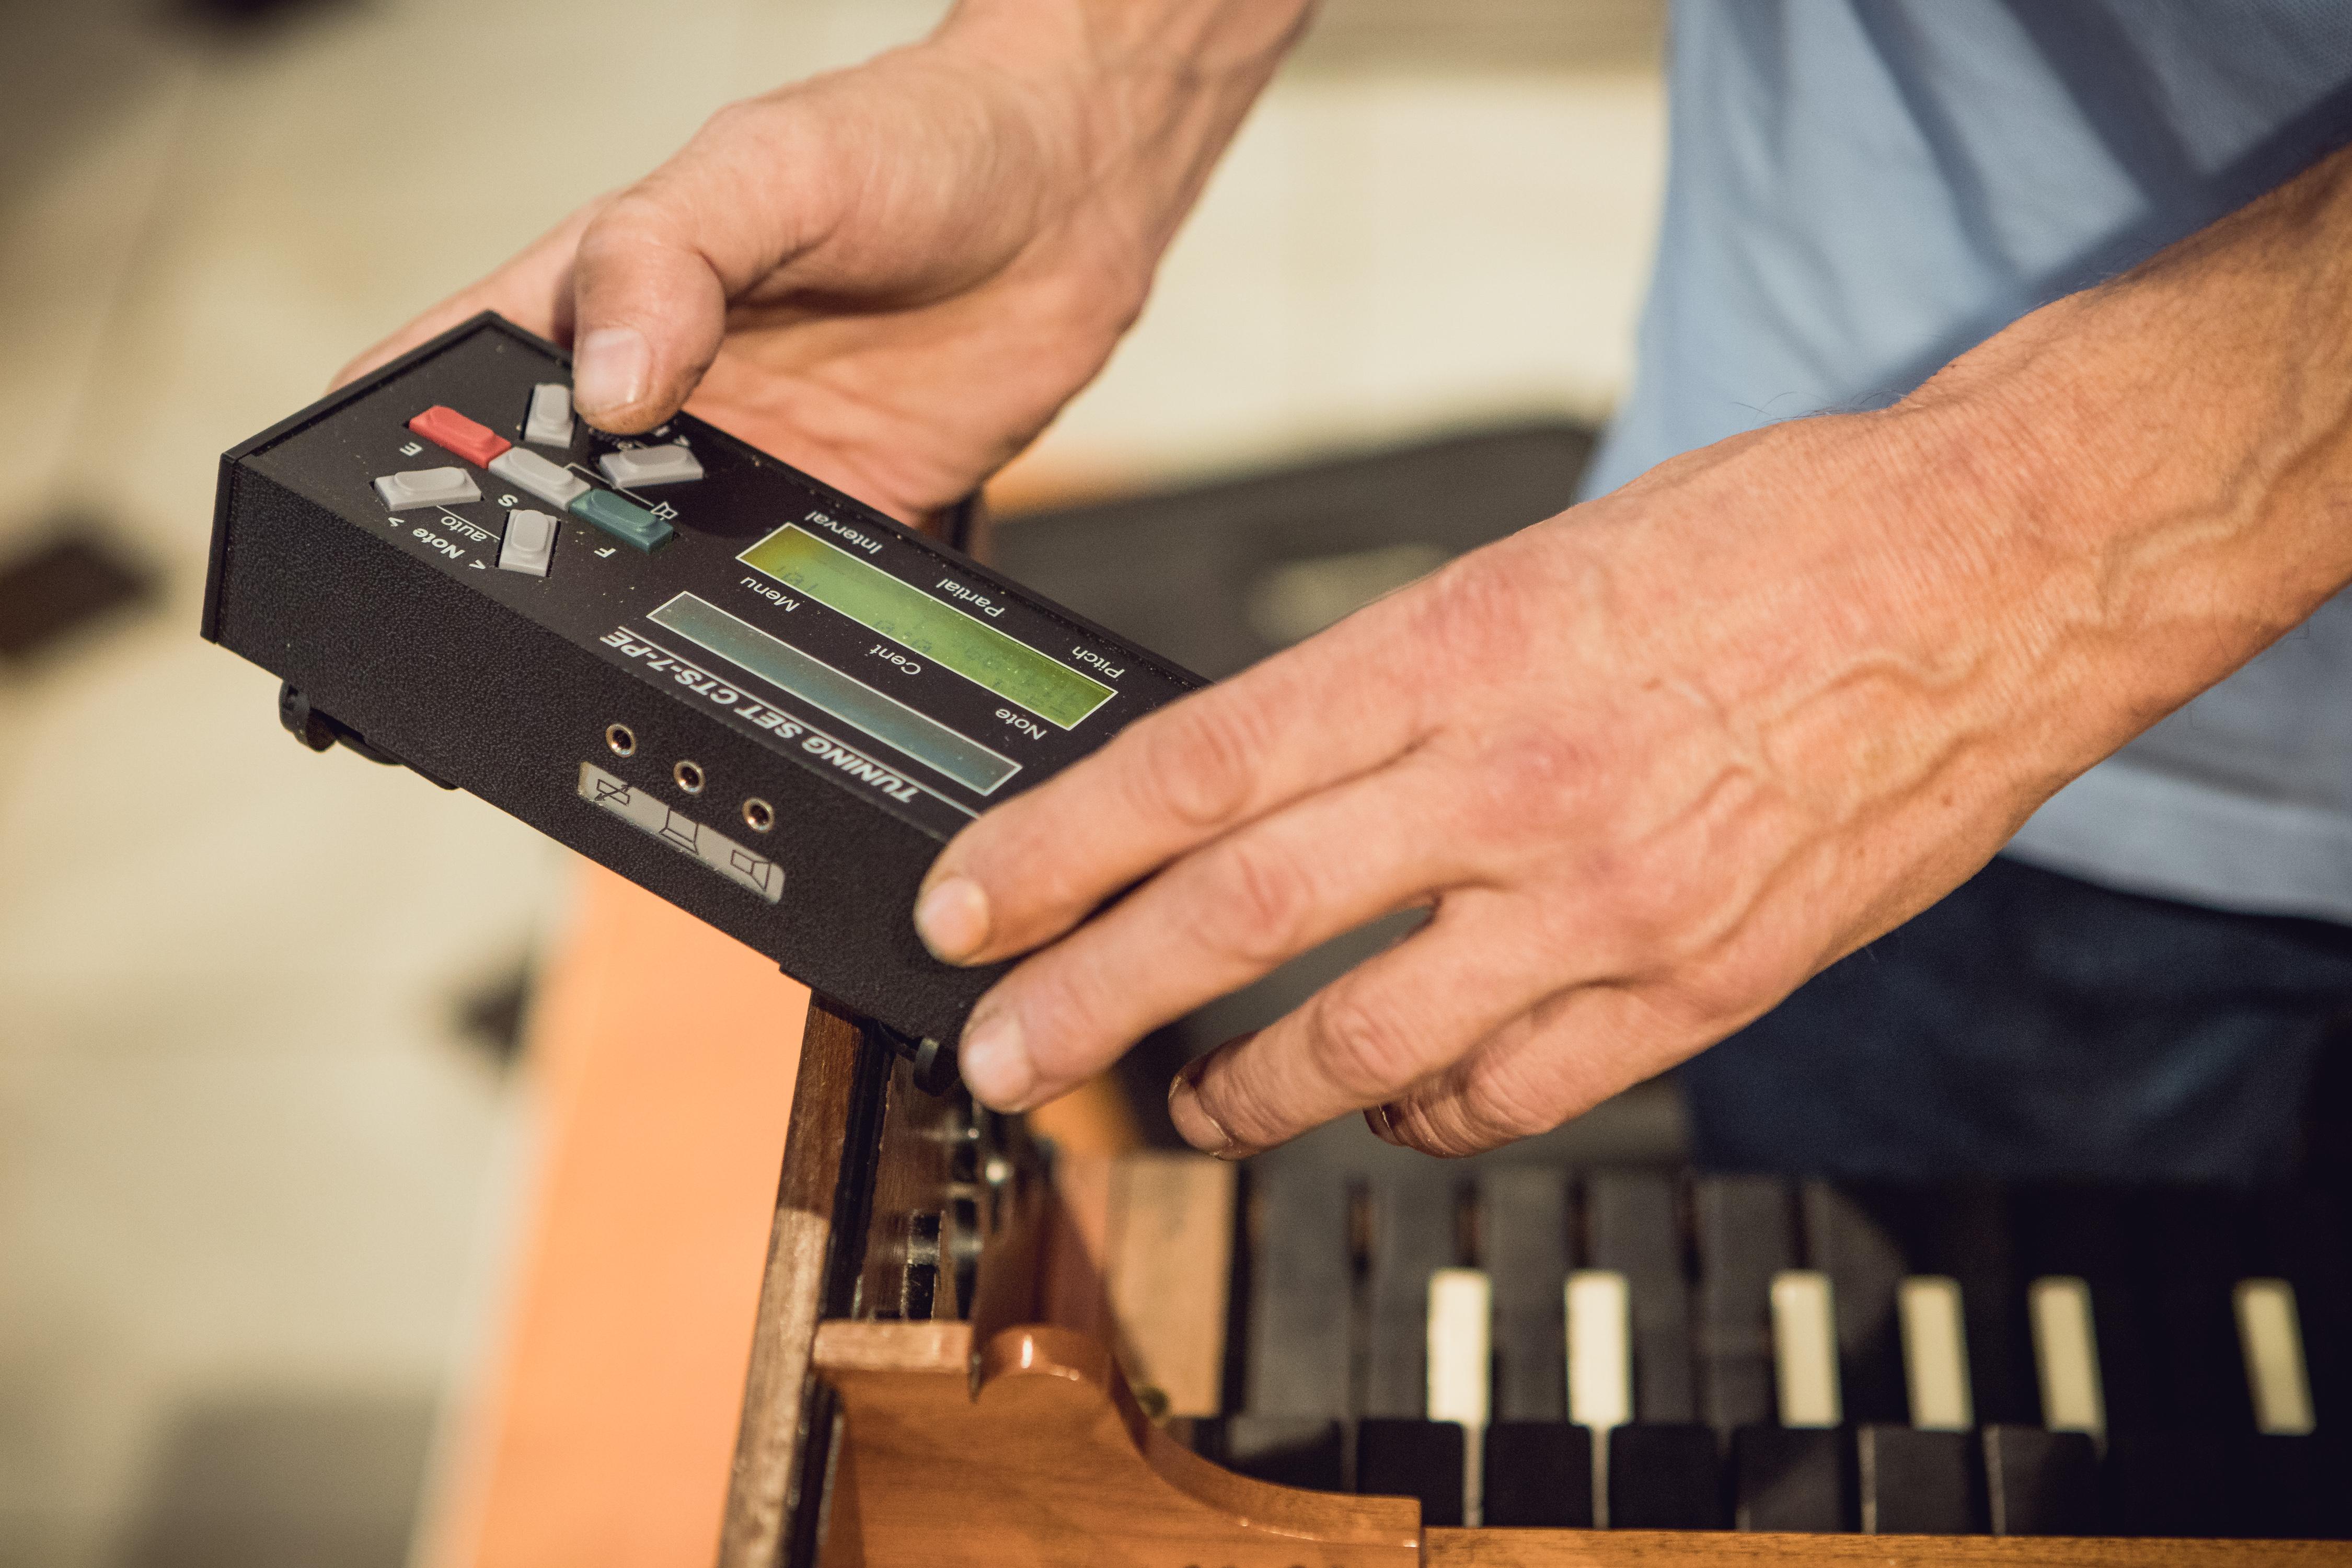 Przyrząd do badania jakości dźwięku podczas strojenia.